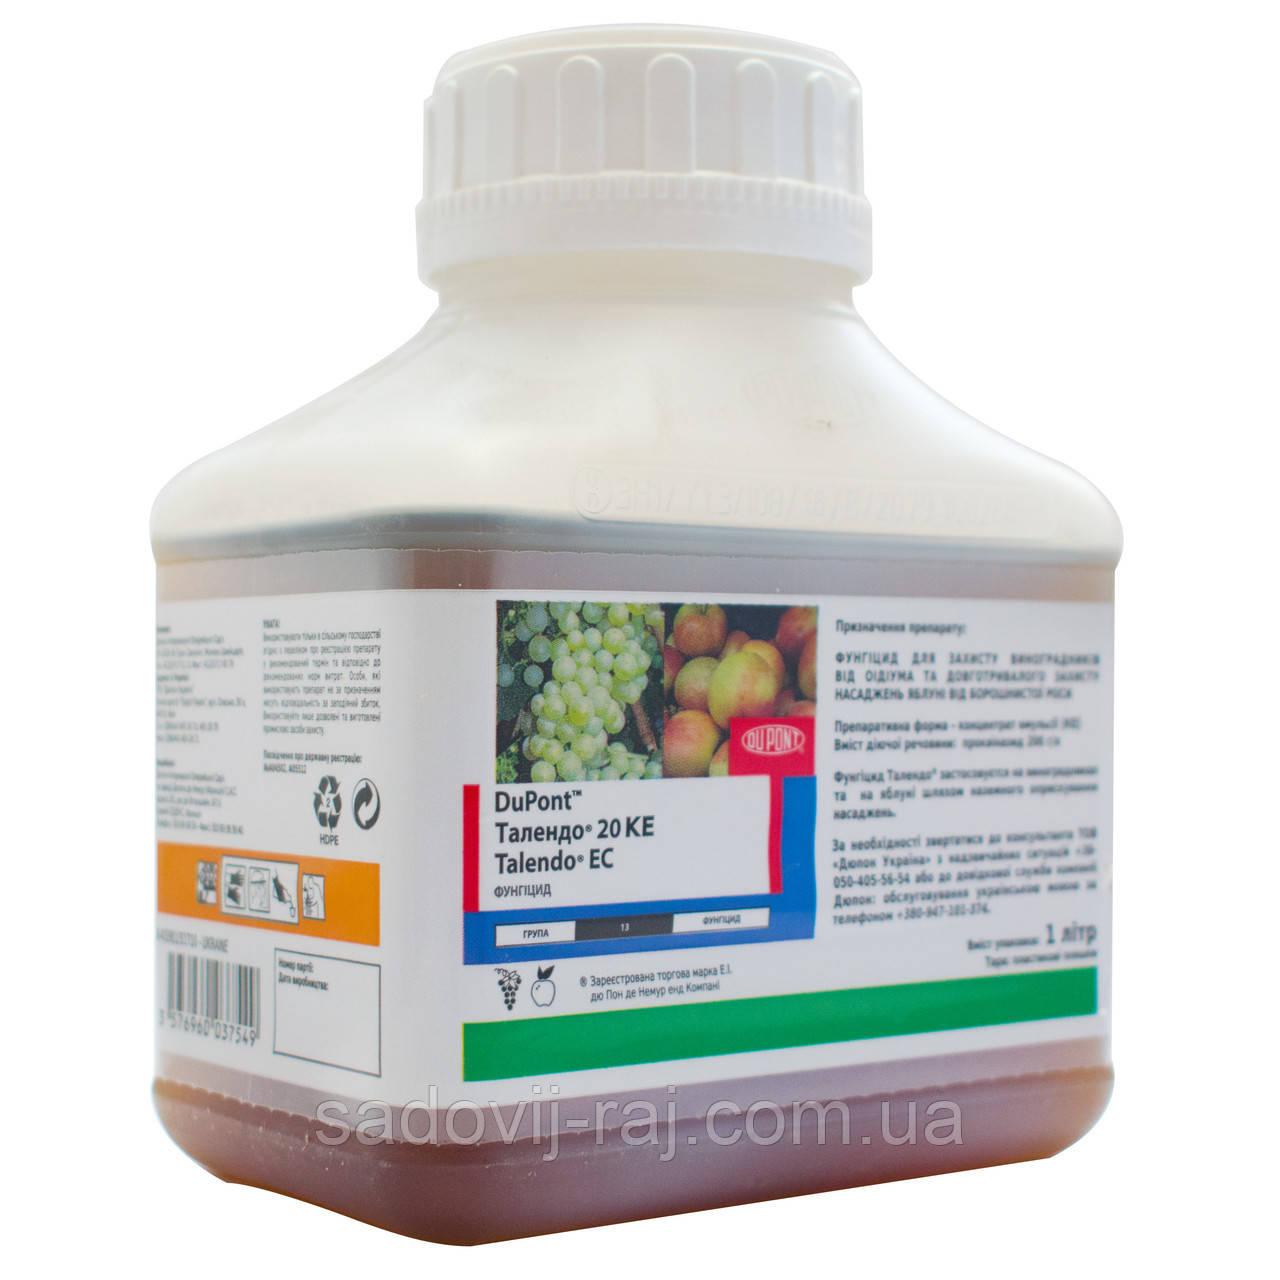 Фунгіцид Талендо 20% к. е. 1л, Du Pont (Дюпон) США для яблуні, винограду від борошнистої роси, оїдіума